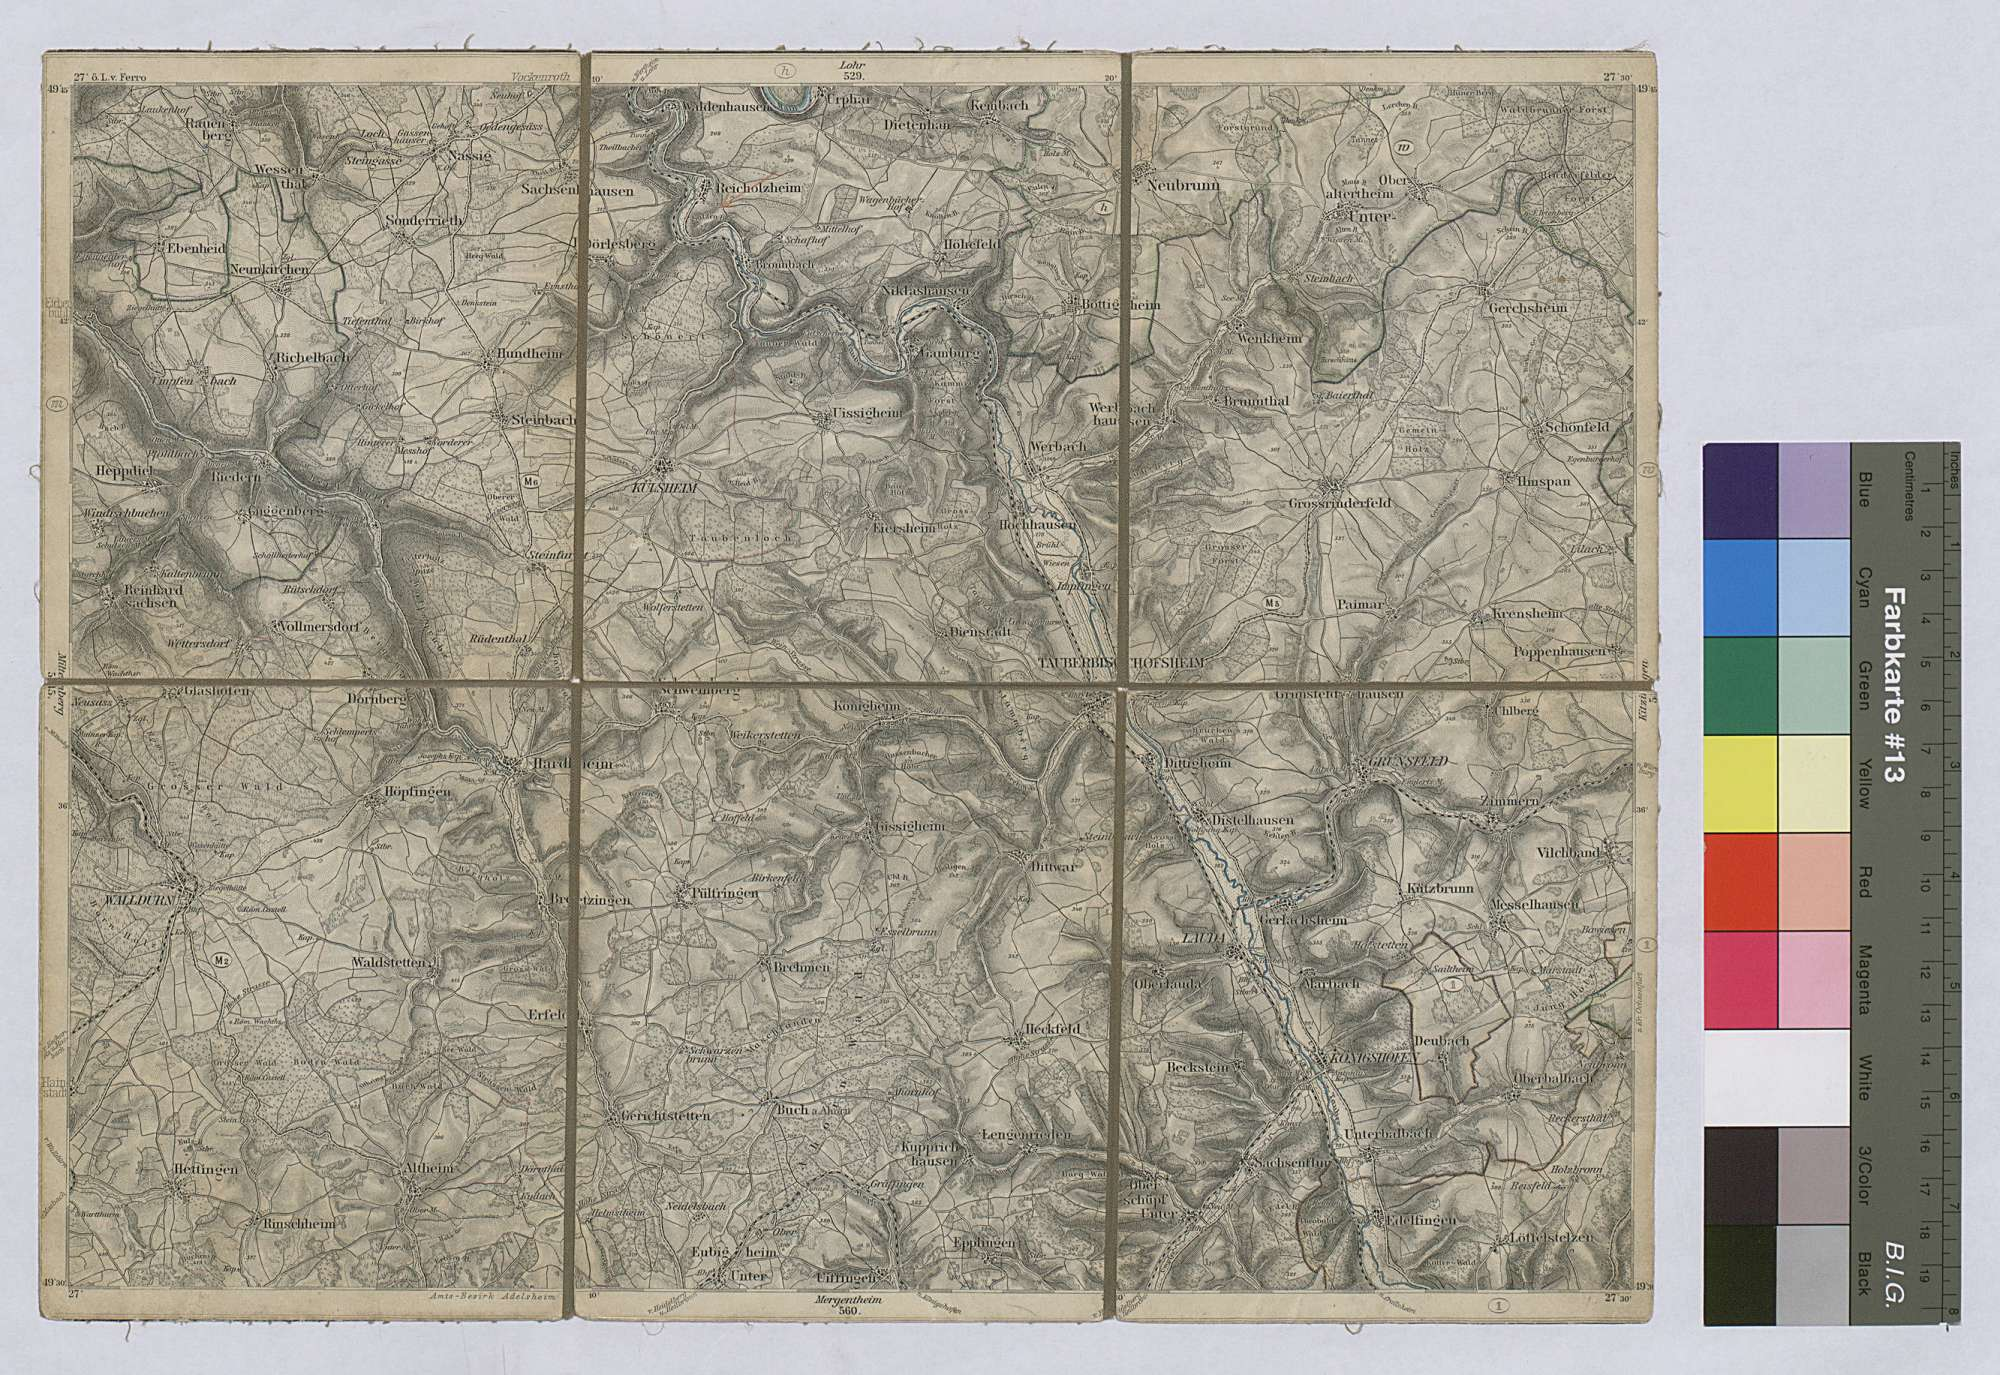 Topographische Karte Tauberbischofsheim Nr. 546 Maßstab 1:100 000 / Vier-Farben-Druck / 29 x 38 cm, Bild 1